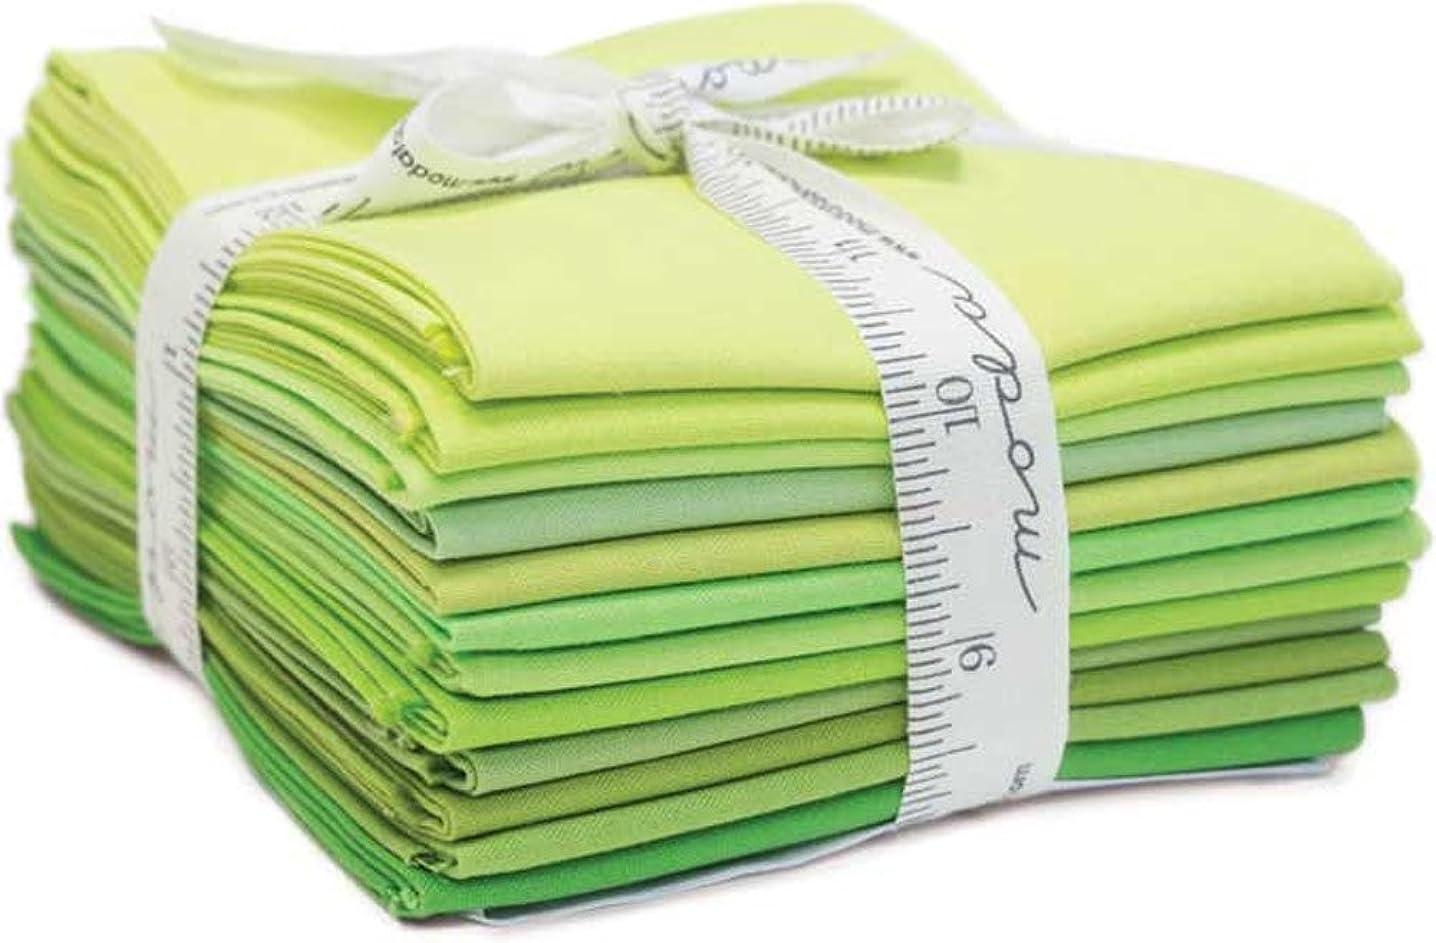 Bella Solids Greens 12 Fat Quarters Moda Fabrics 9900AB 123